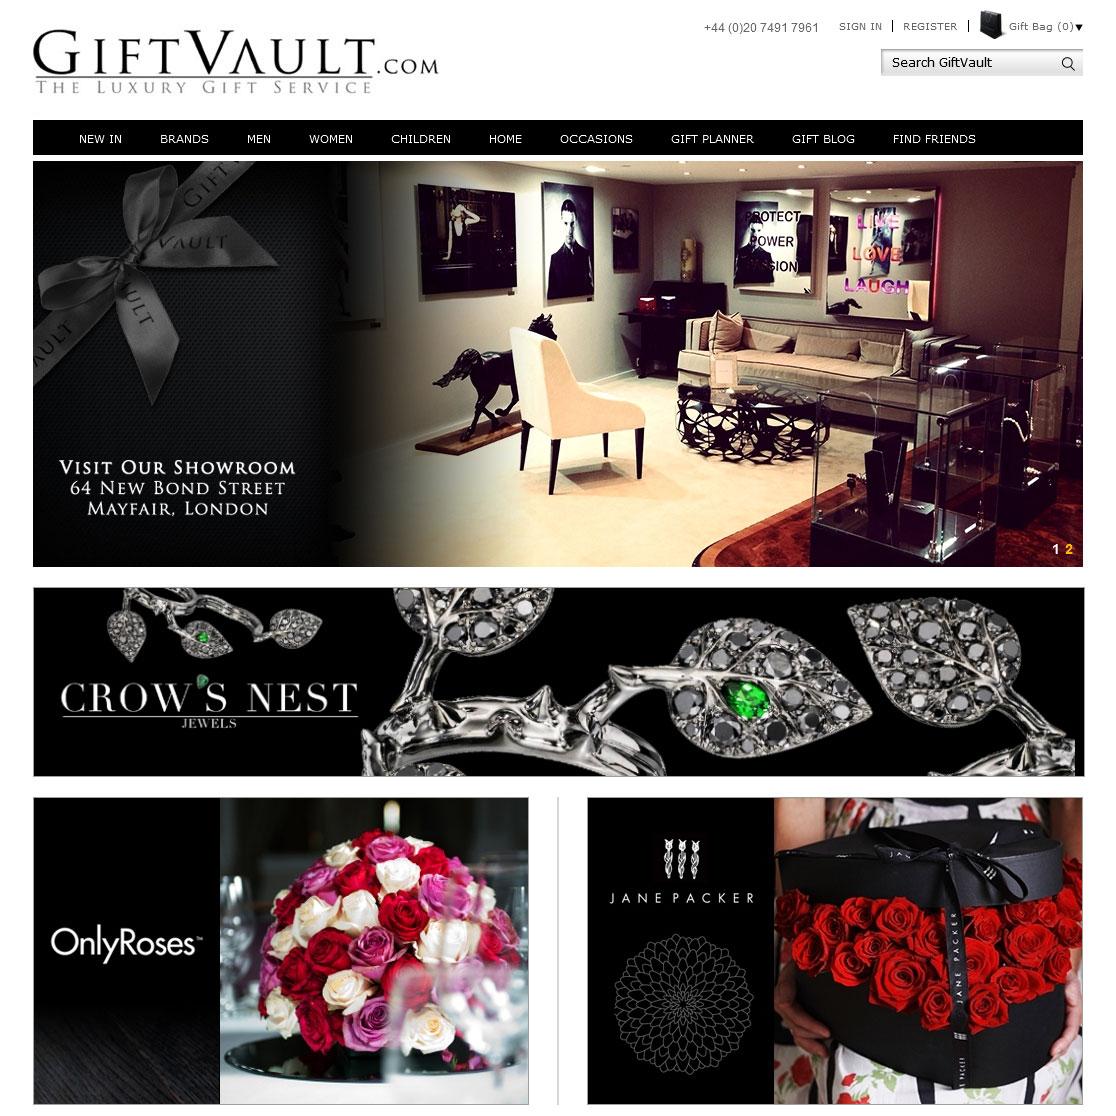 Gift Vault